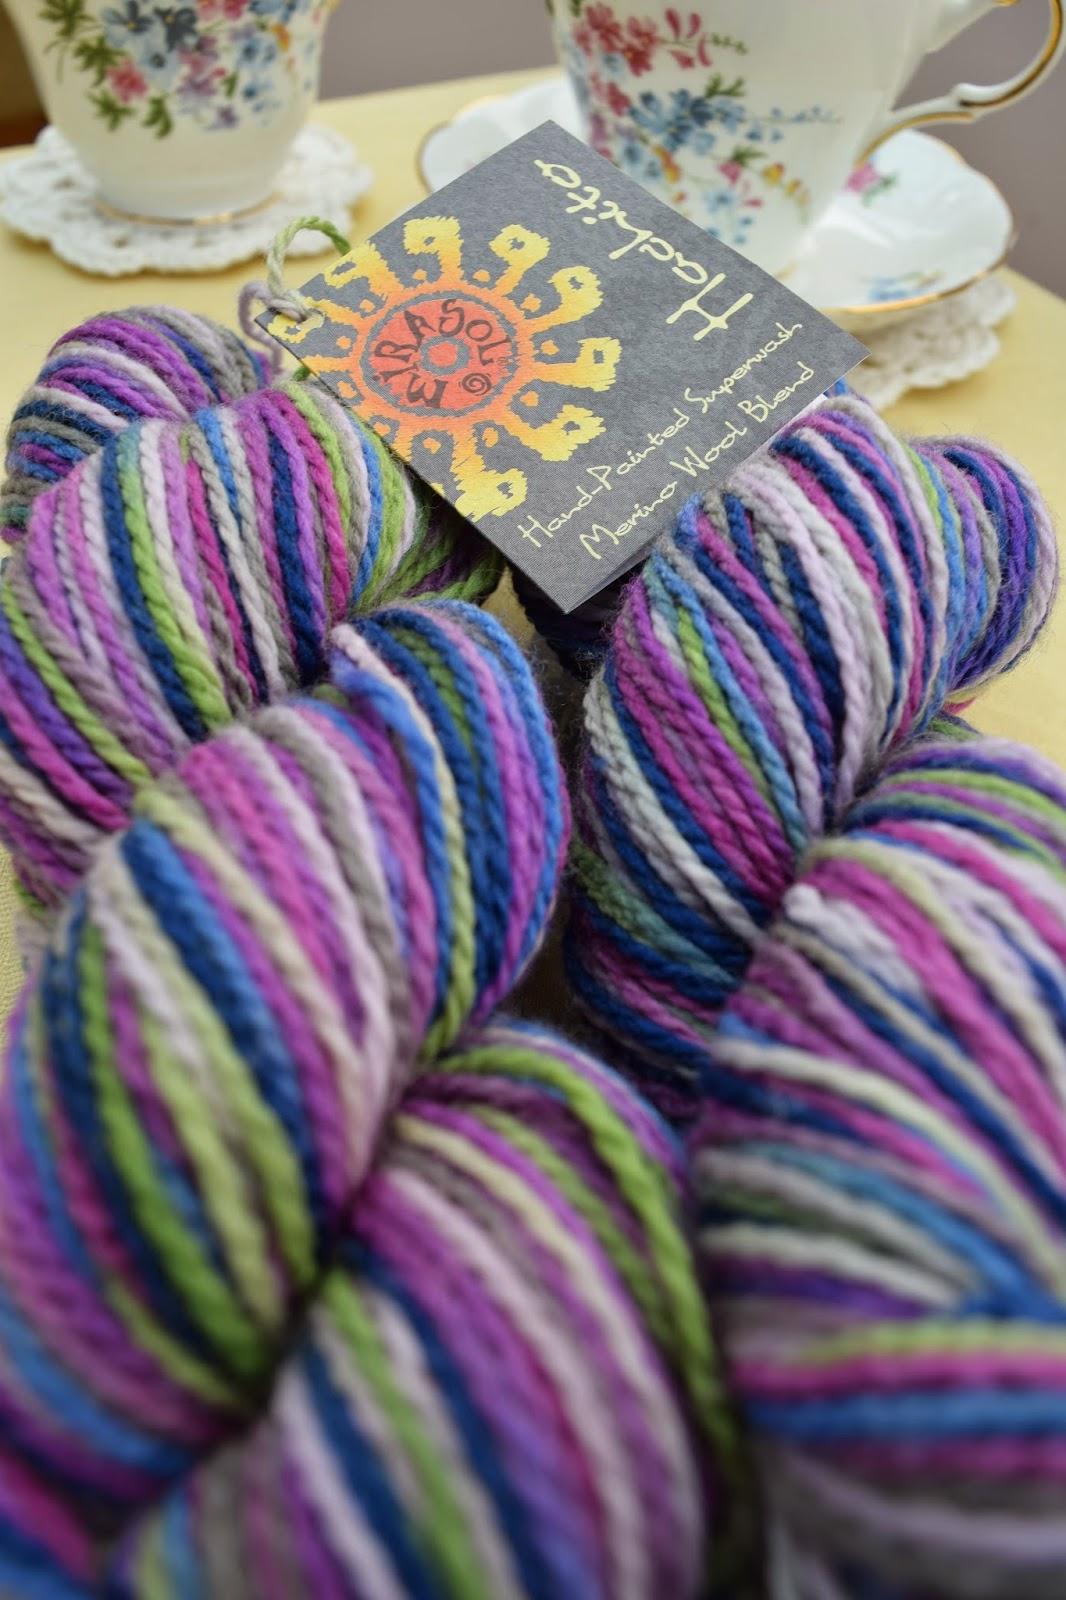 Mirasol Hachito Marino wool blend